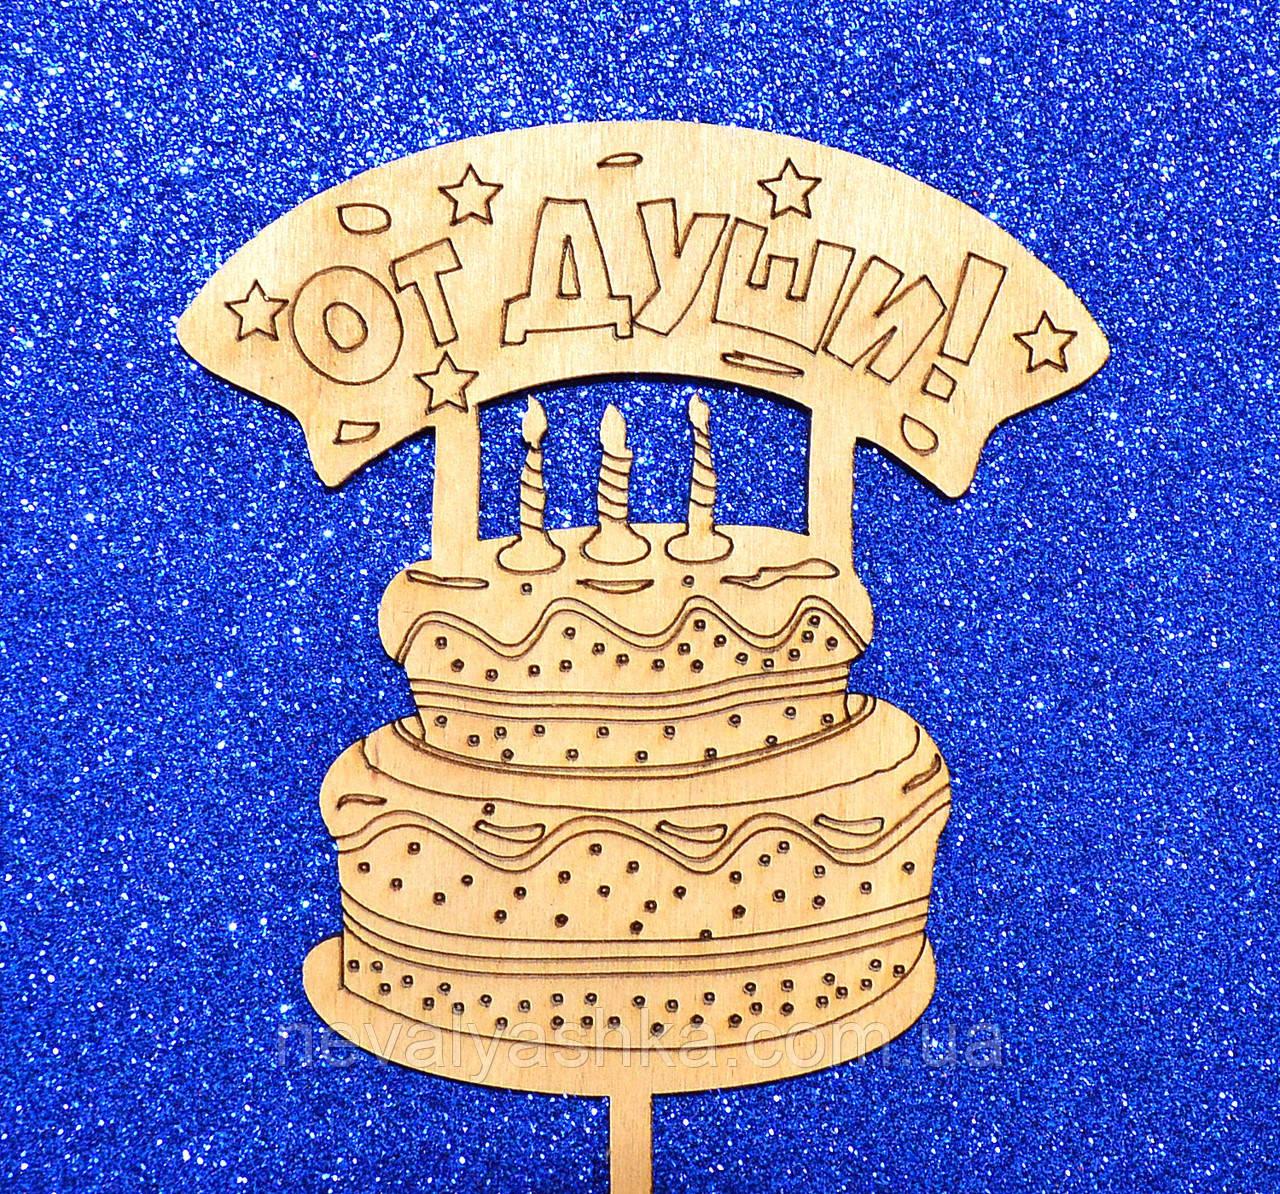 ТОППЕР Деревянный ОТ ДУШИ С  Днем Рождения Топперы для Торта Топер дерев'яний из дерева на капкейки и торт